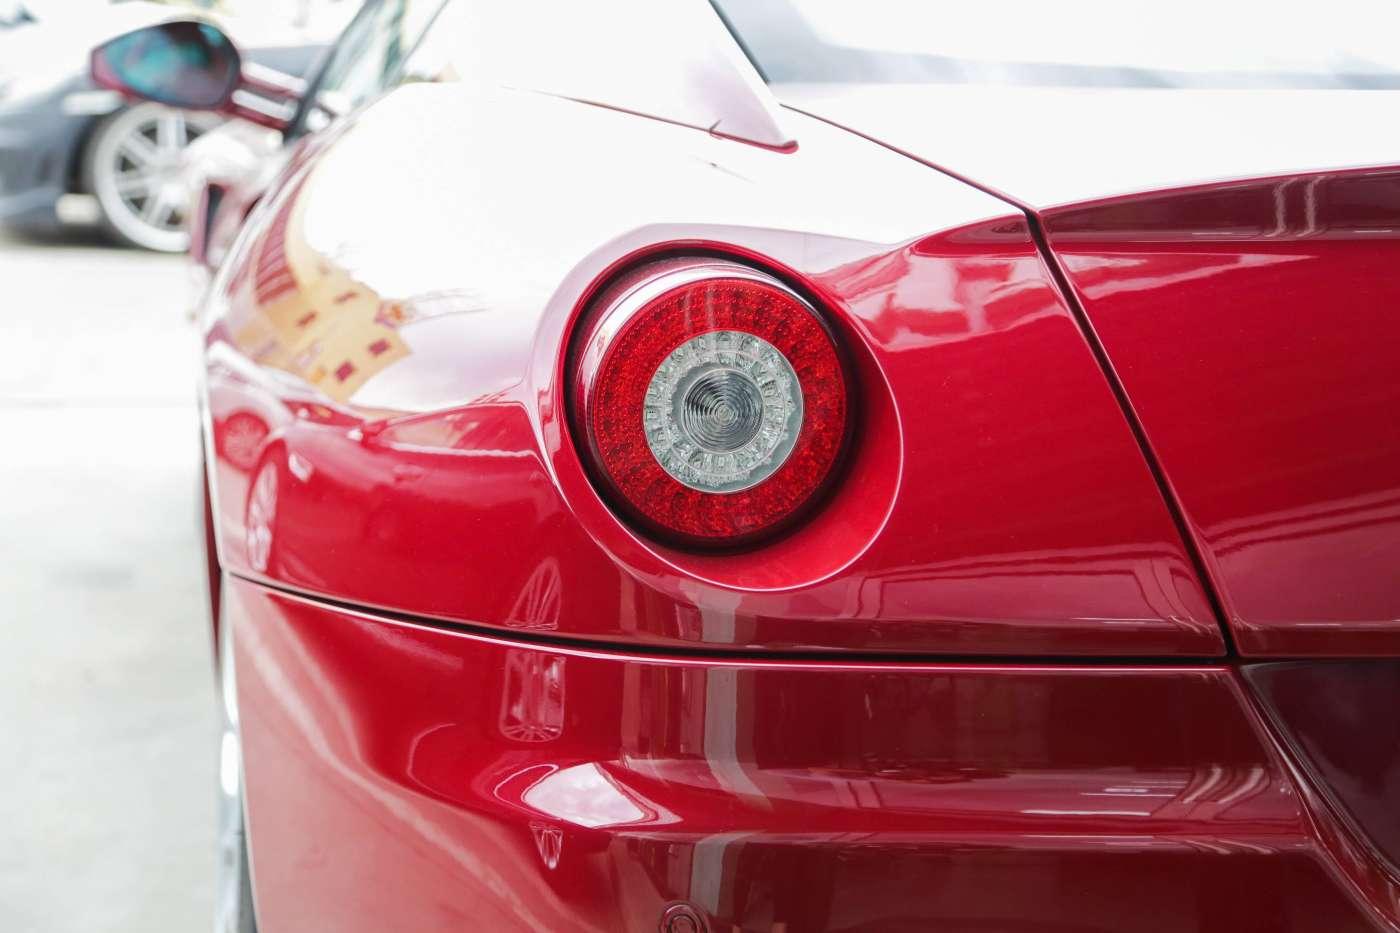 2008年06月 法拉利599 2006款 599 GTB Fiorano 6.0|甄选法拉利-北京卡斯基汽车服务有限公司